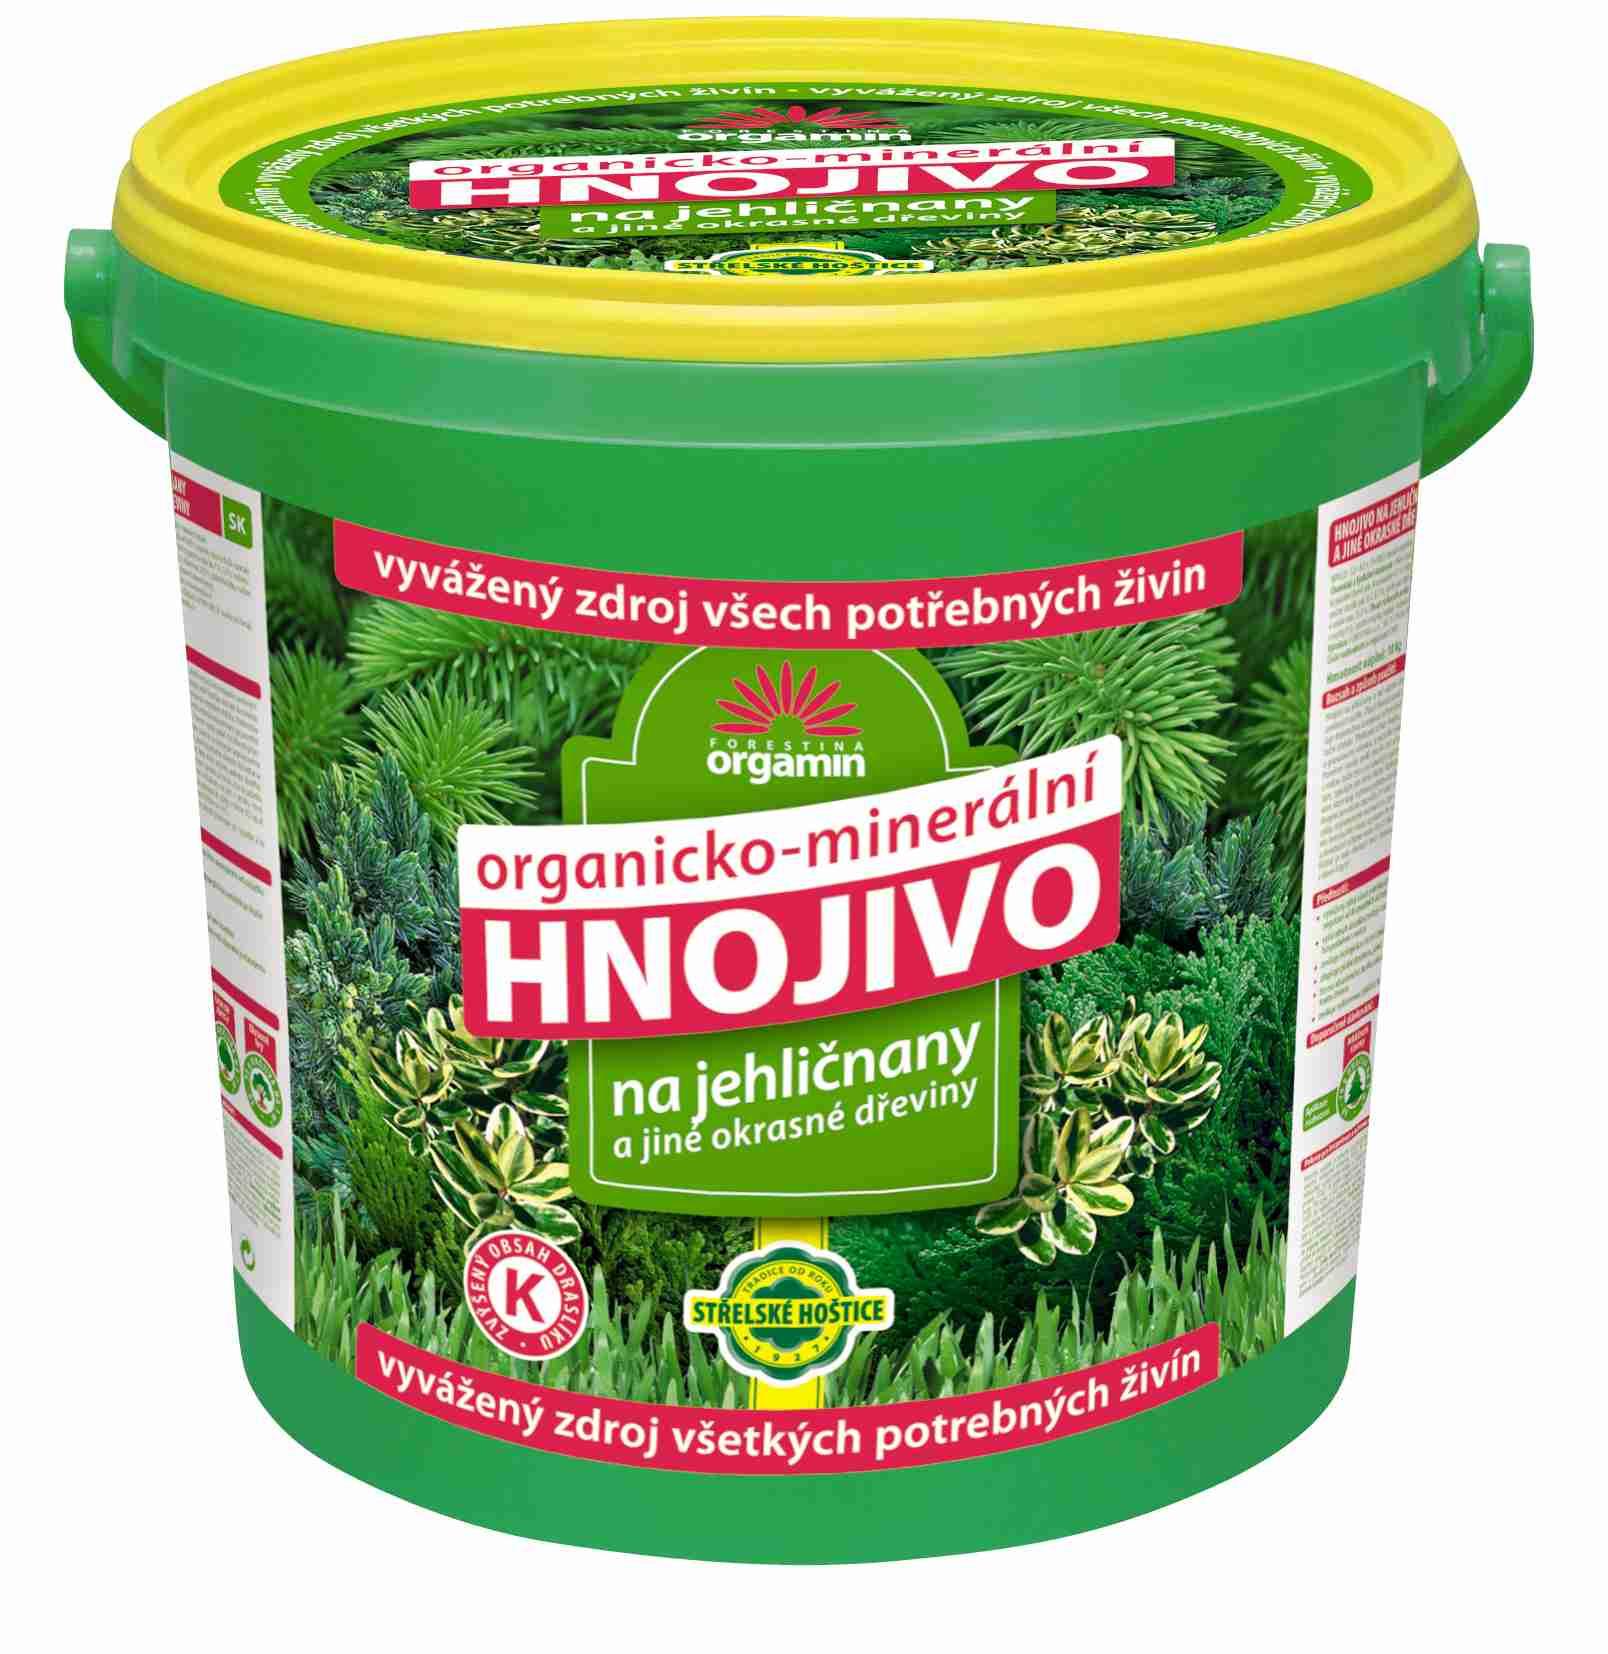 Hnojivo pro jehličnany a jiné okrasné dřeviny 25 kg Forestina